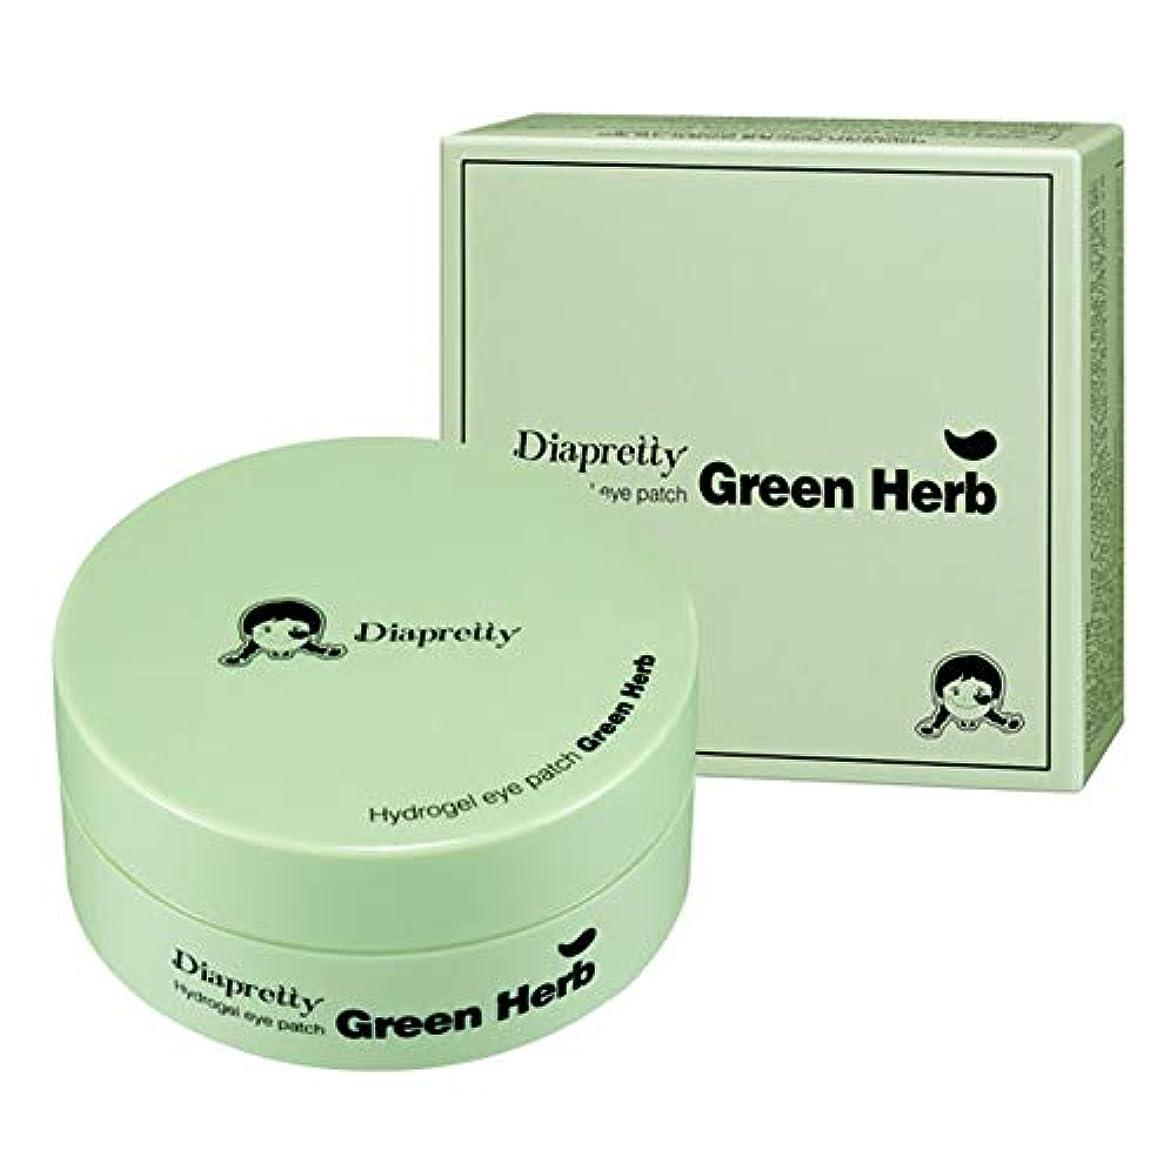 トークタオル部分的[ダイアプリティ] ハイドロゲルア イパッチ (Greeen Herb) 60枚, [Diapretty] Hydrogel Eyepatch(Green Herb) 60pieces